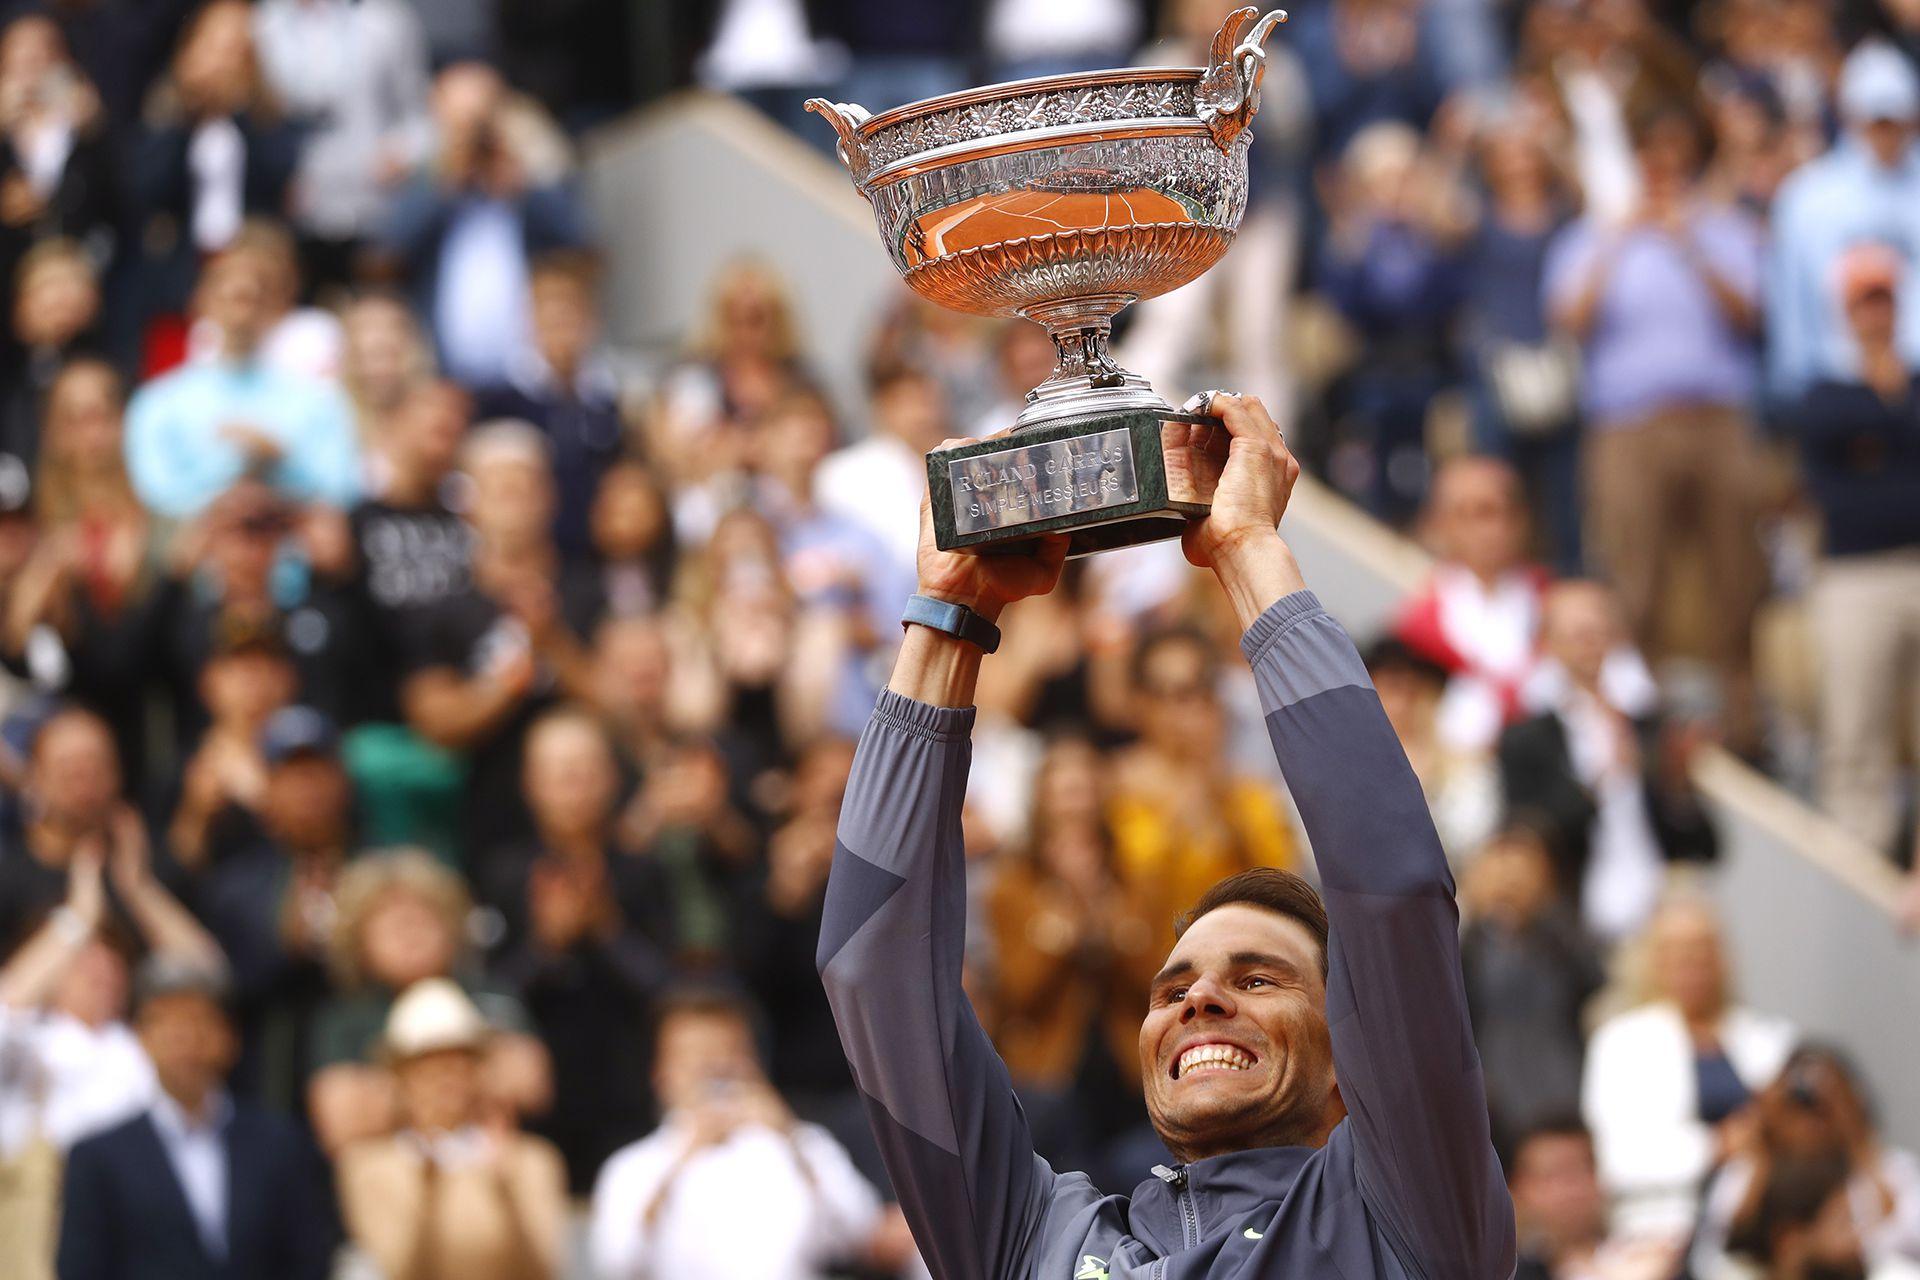 En 2019 ganó el 12° título en Roland Garros tras vencer a Dominic Thiem (Foto: Reuters)